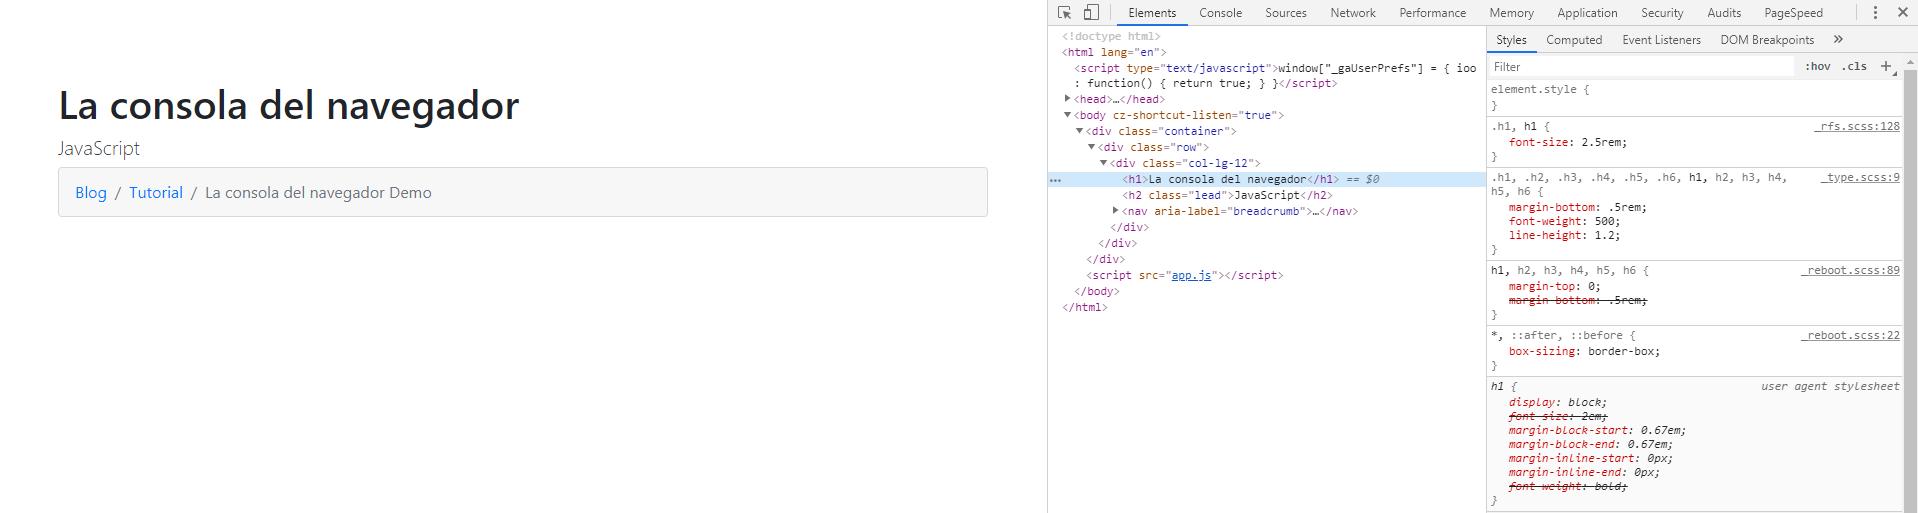 Modificar el HTML y CSS desde la consola del navegador